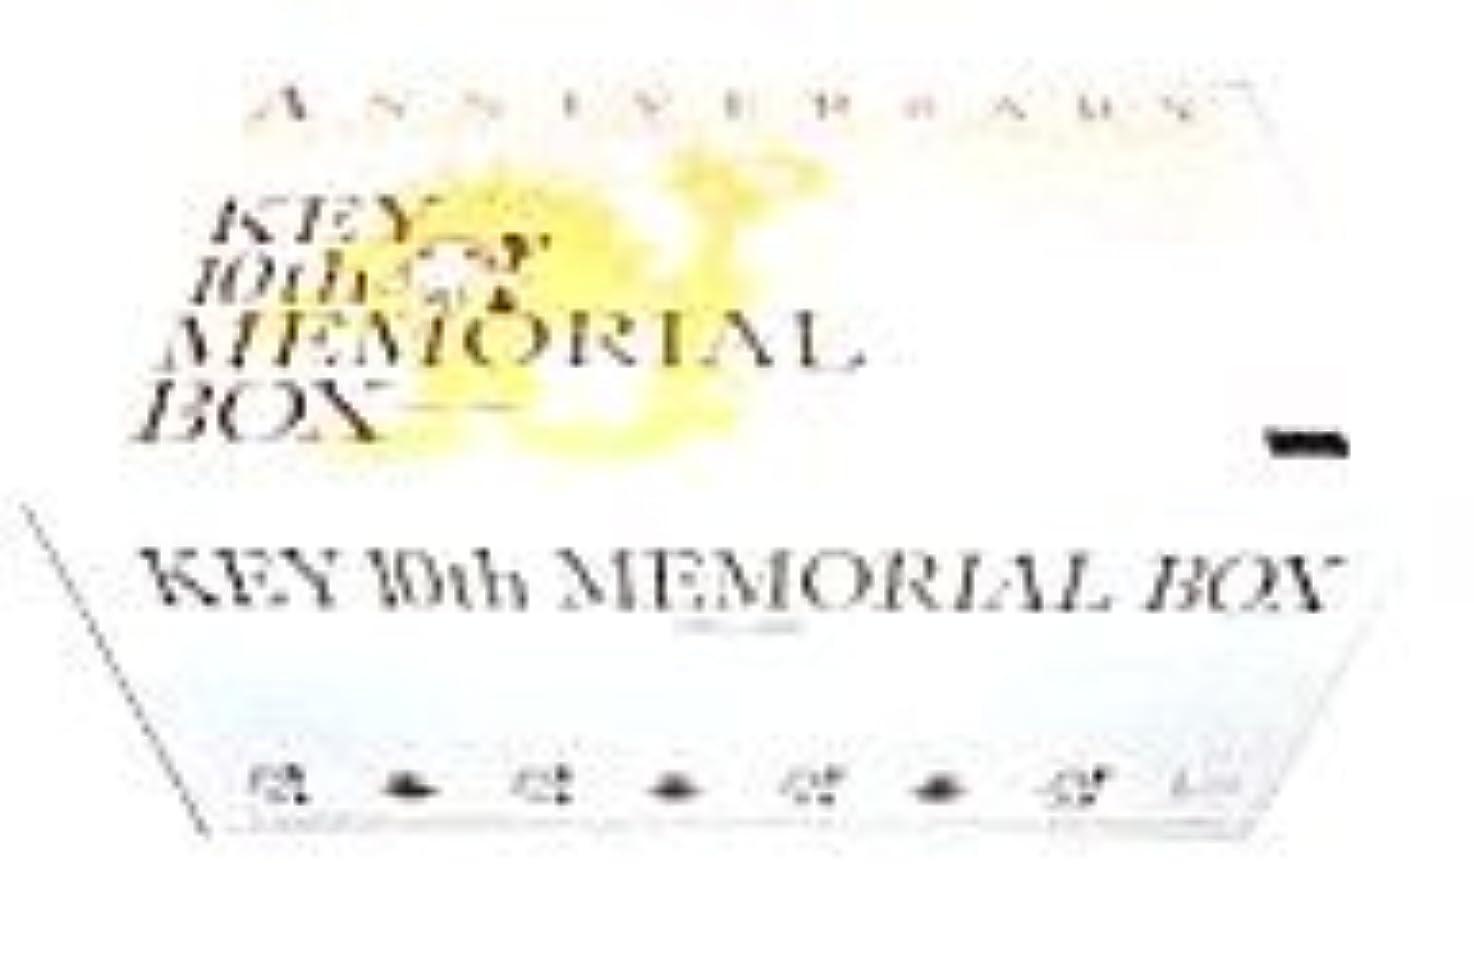 する必要がある目覚める印刷するKEY 10th MEMORIAL BOX